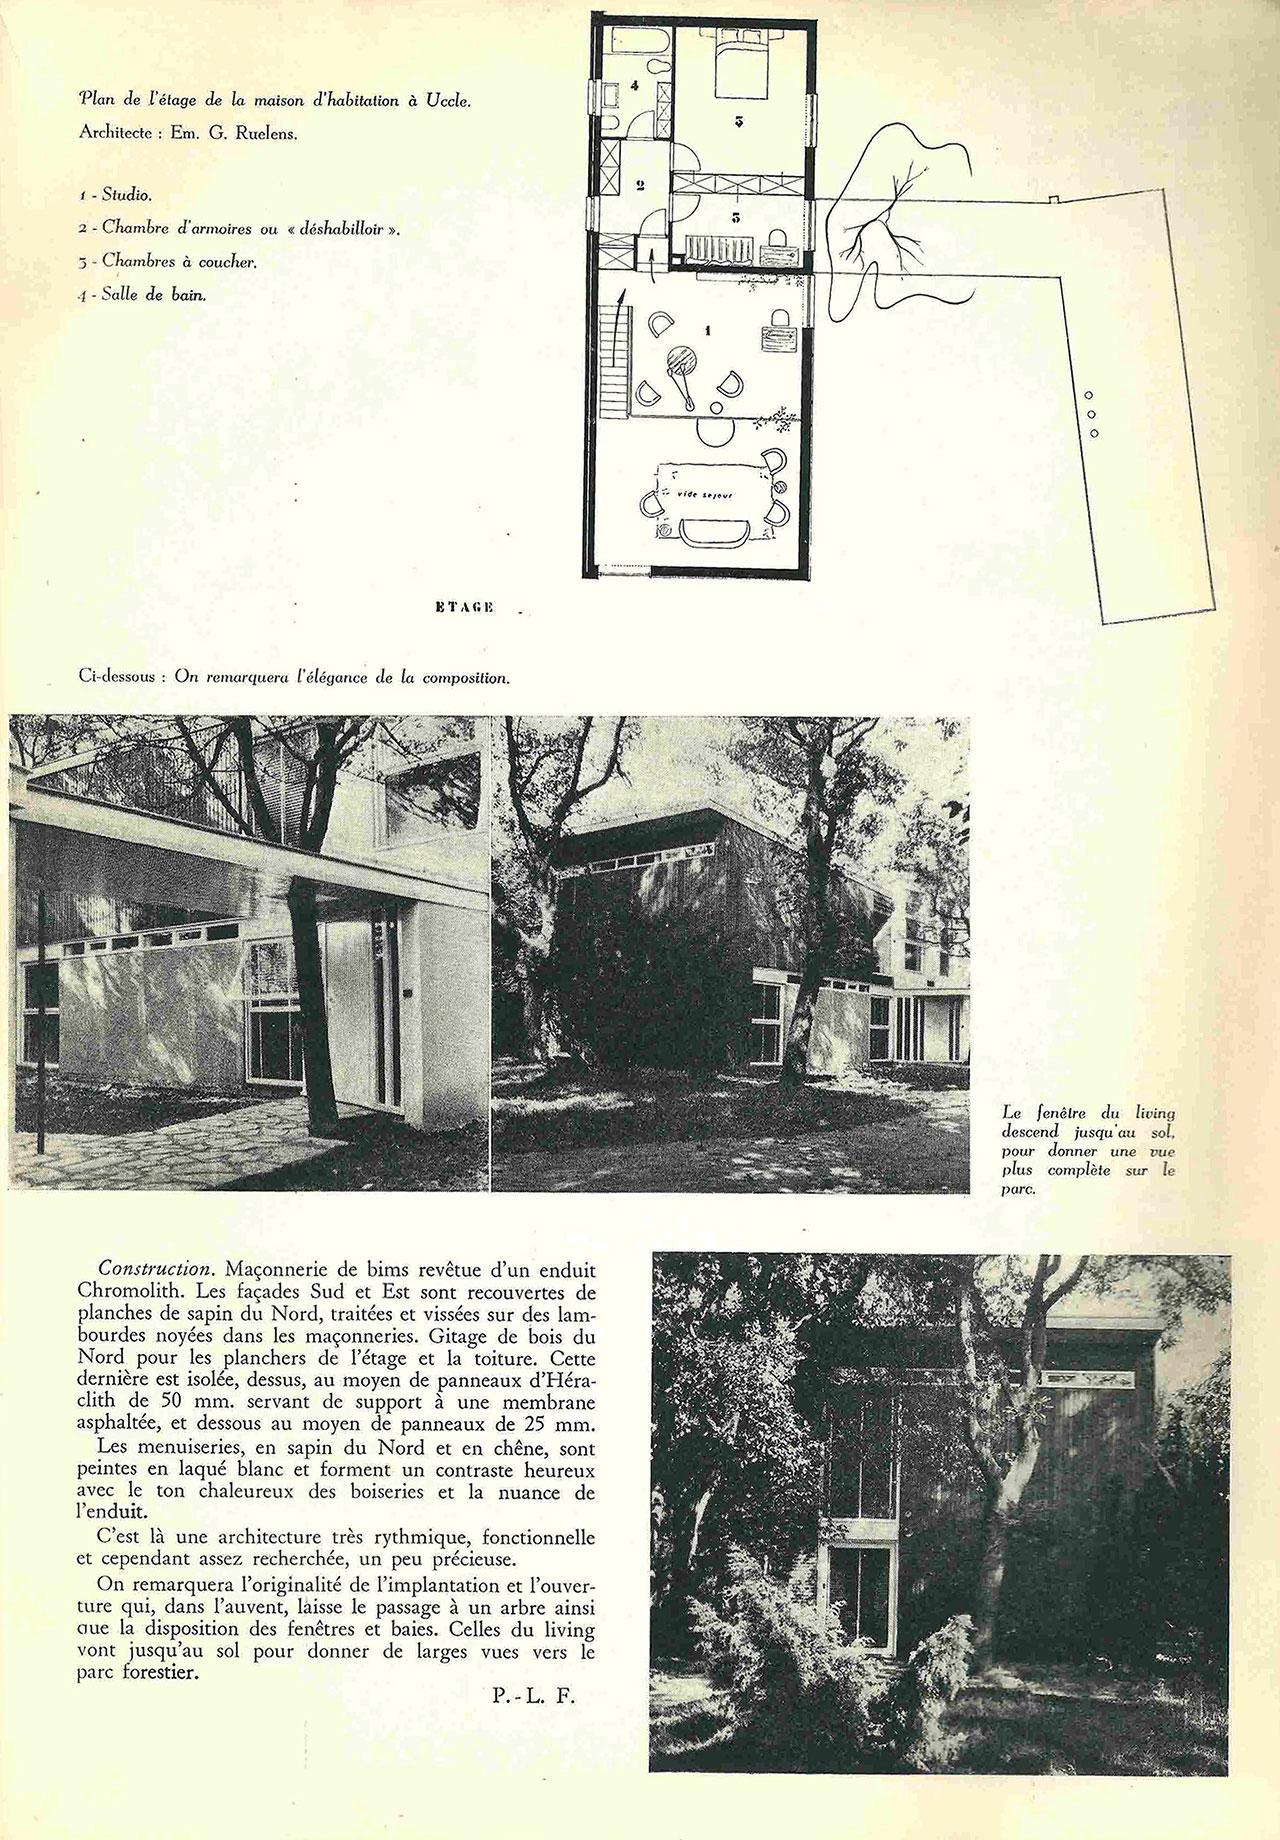 Maison d'habitation, à Uccle